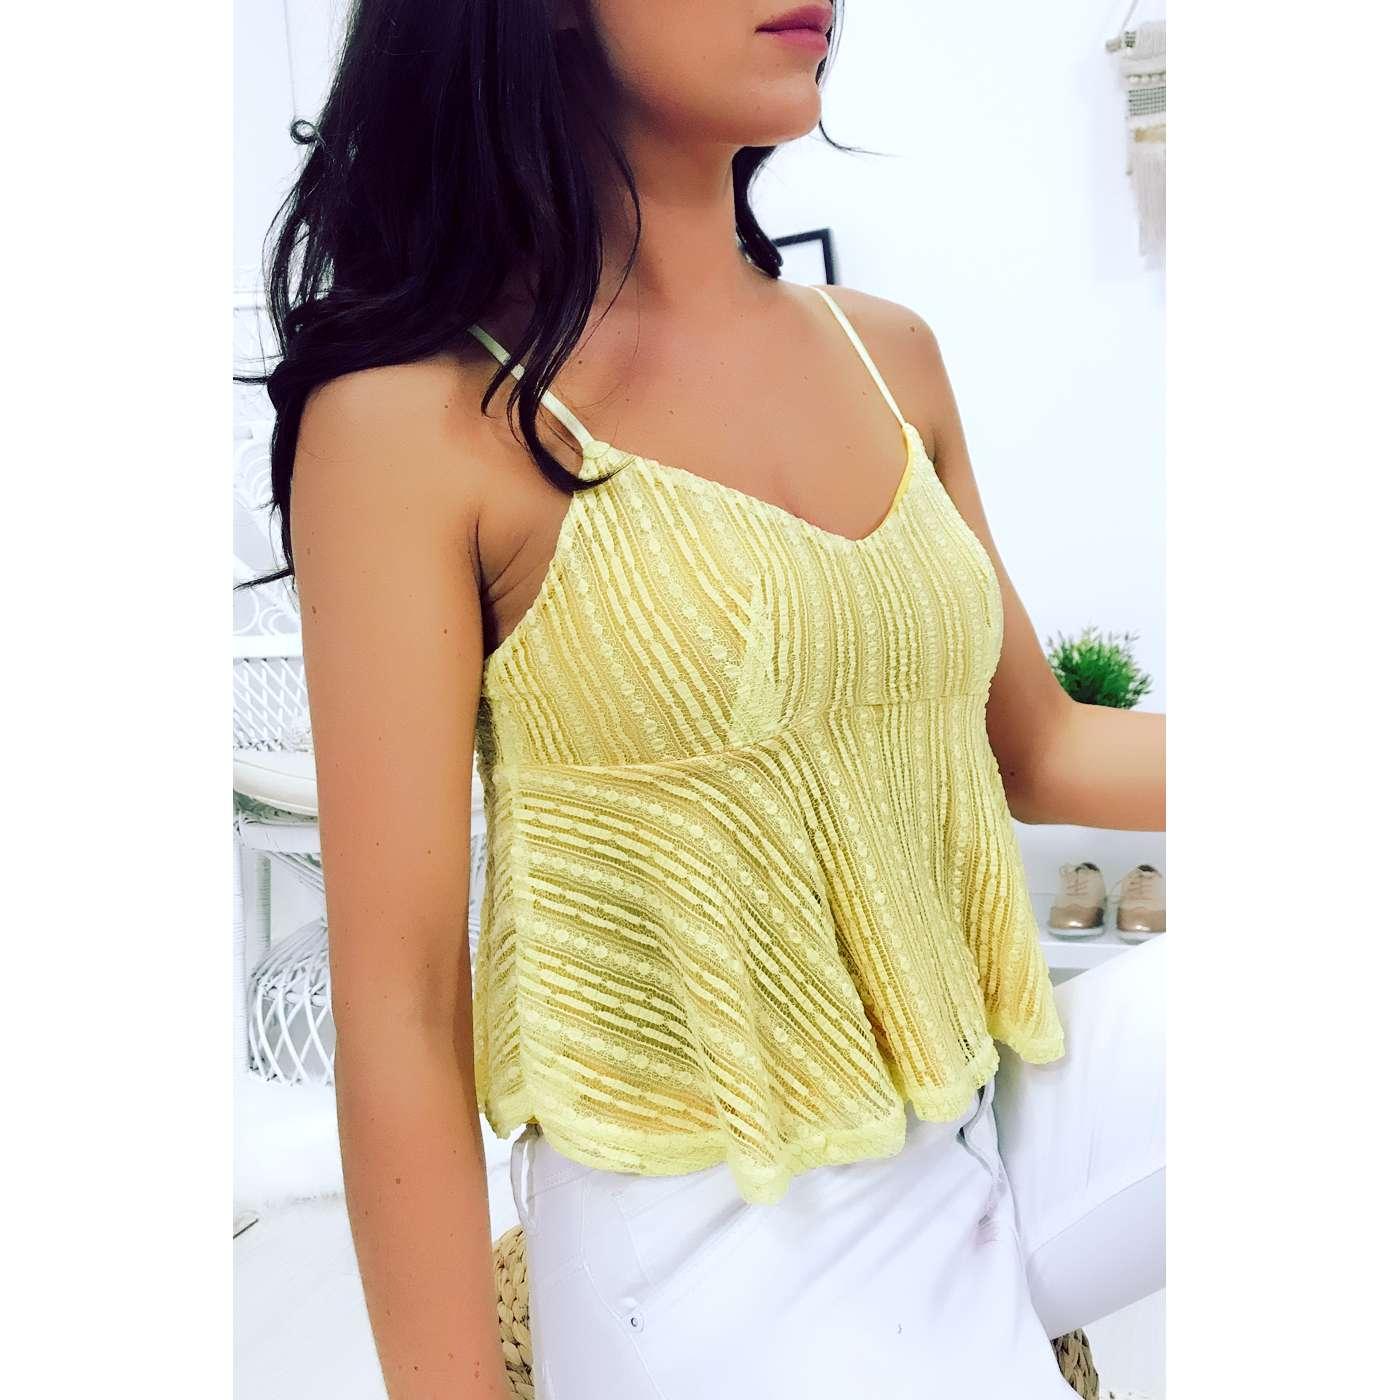 Produit Neuf - Miss Wear Line - Crop top jaune en dentelle à fines bretelles c4004541c2f